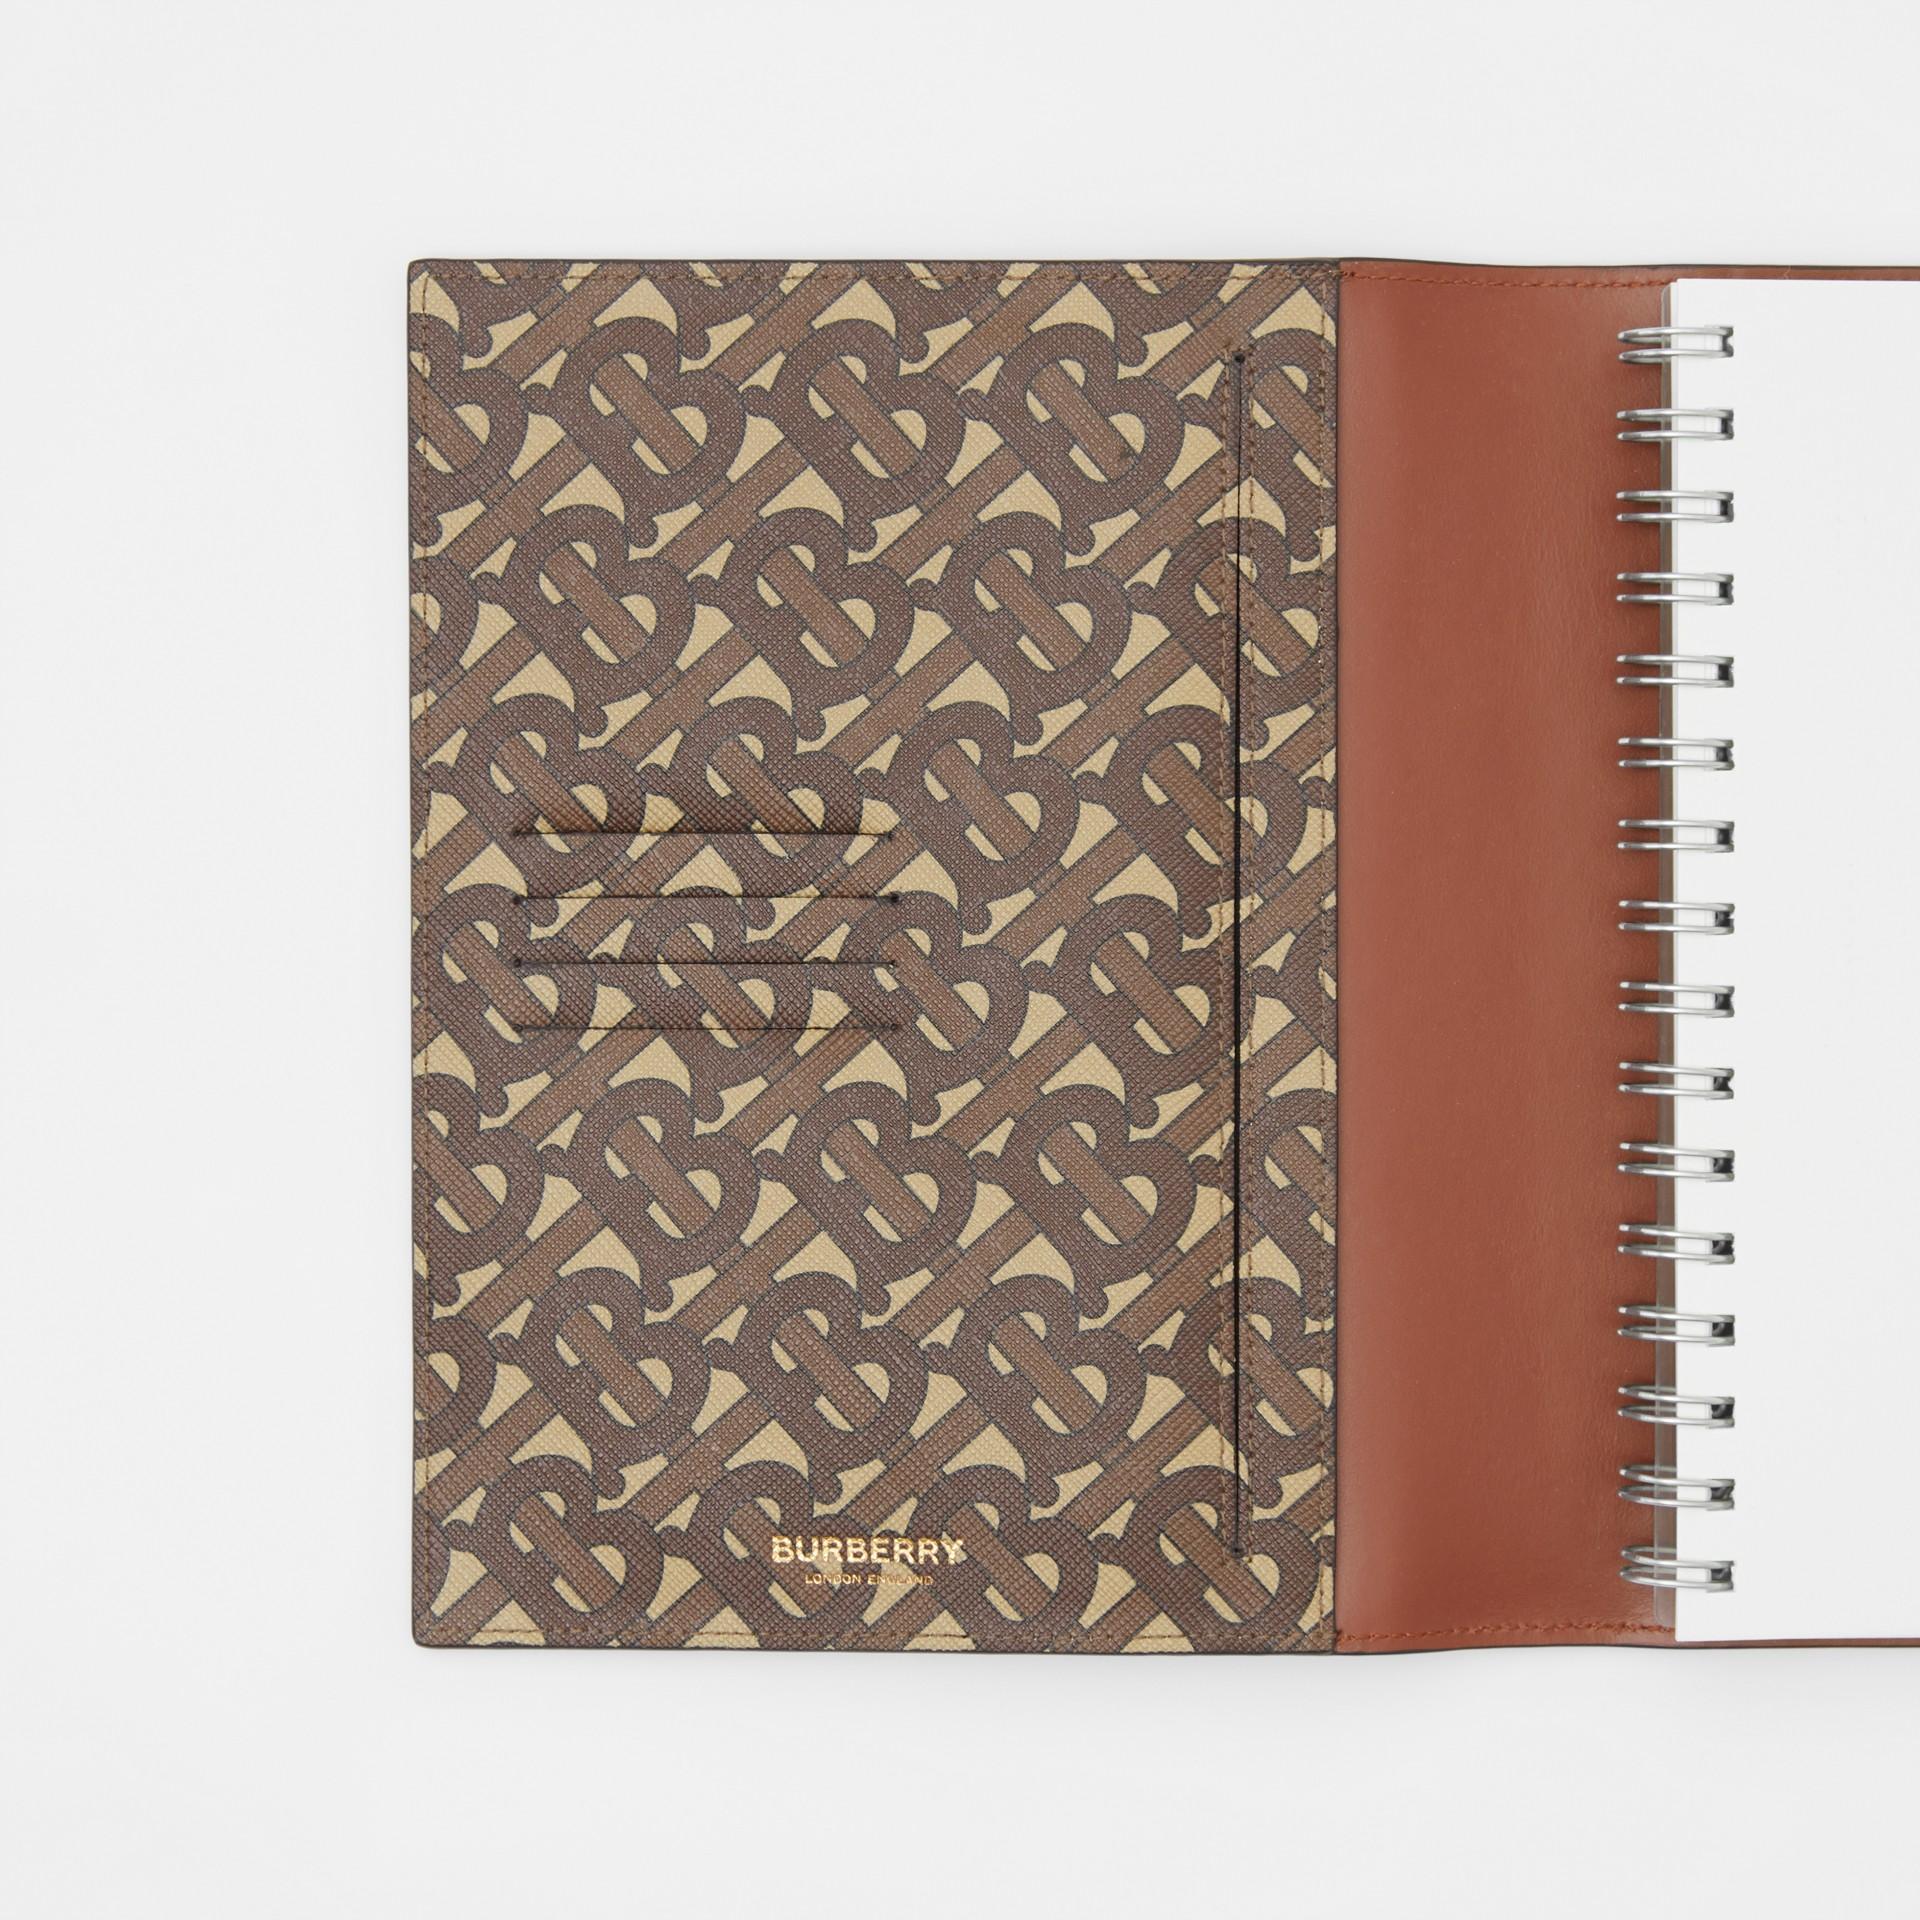 モノグラムプリントEキャンバス ノートブックカバー (ブライドルブラウン)   バーバリー - ギャラリーイメージ 4